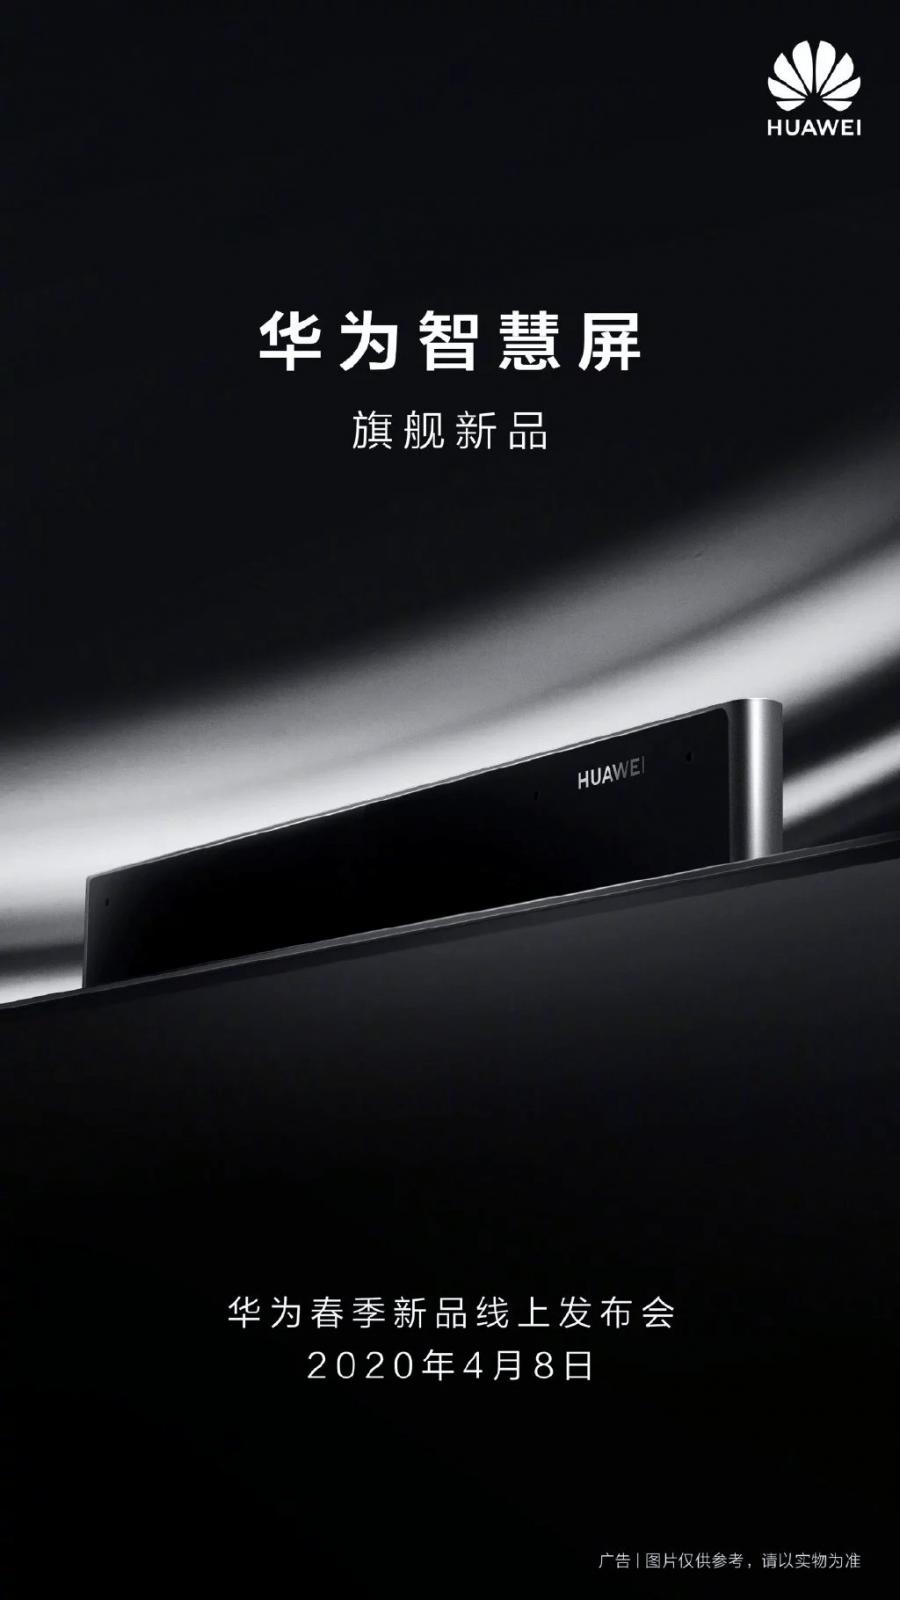 Huawei выпустит свой умный телевизор